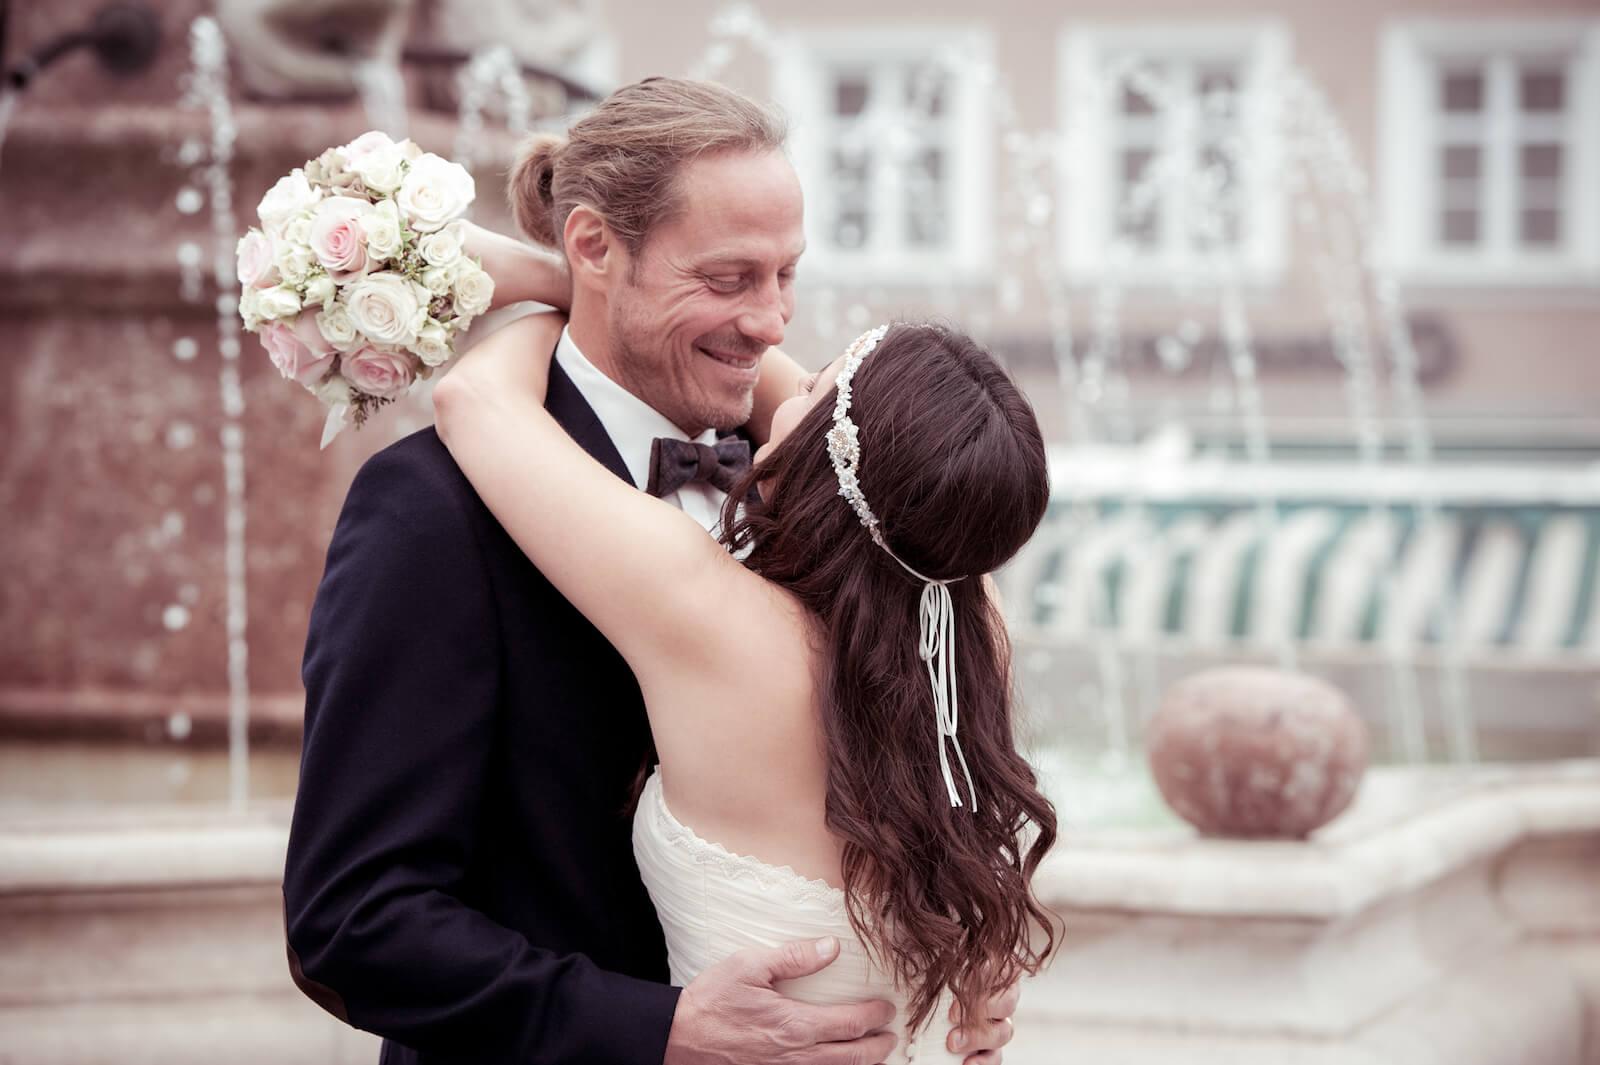 Hochzeit Bohostyle Landsberg - first look, der Bräutigam nimmt seine Braut in die Arme